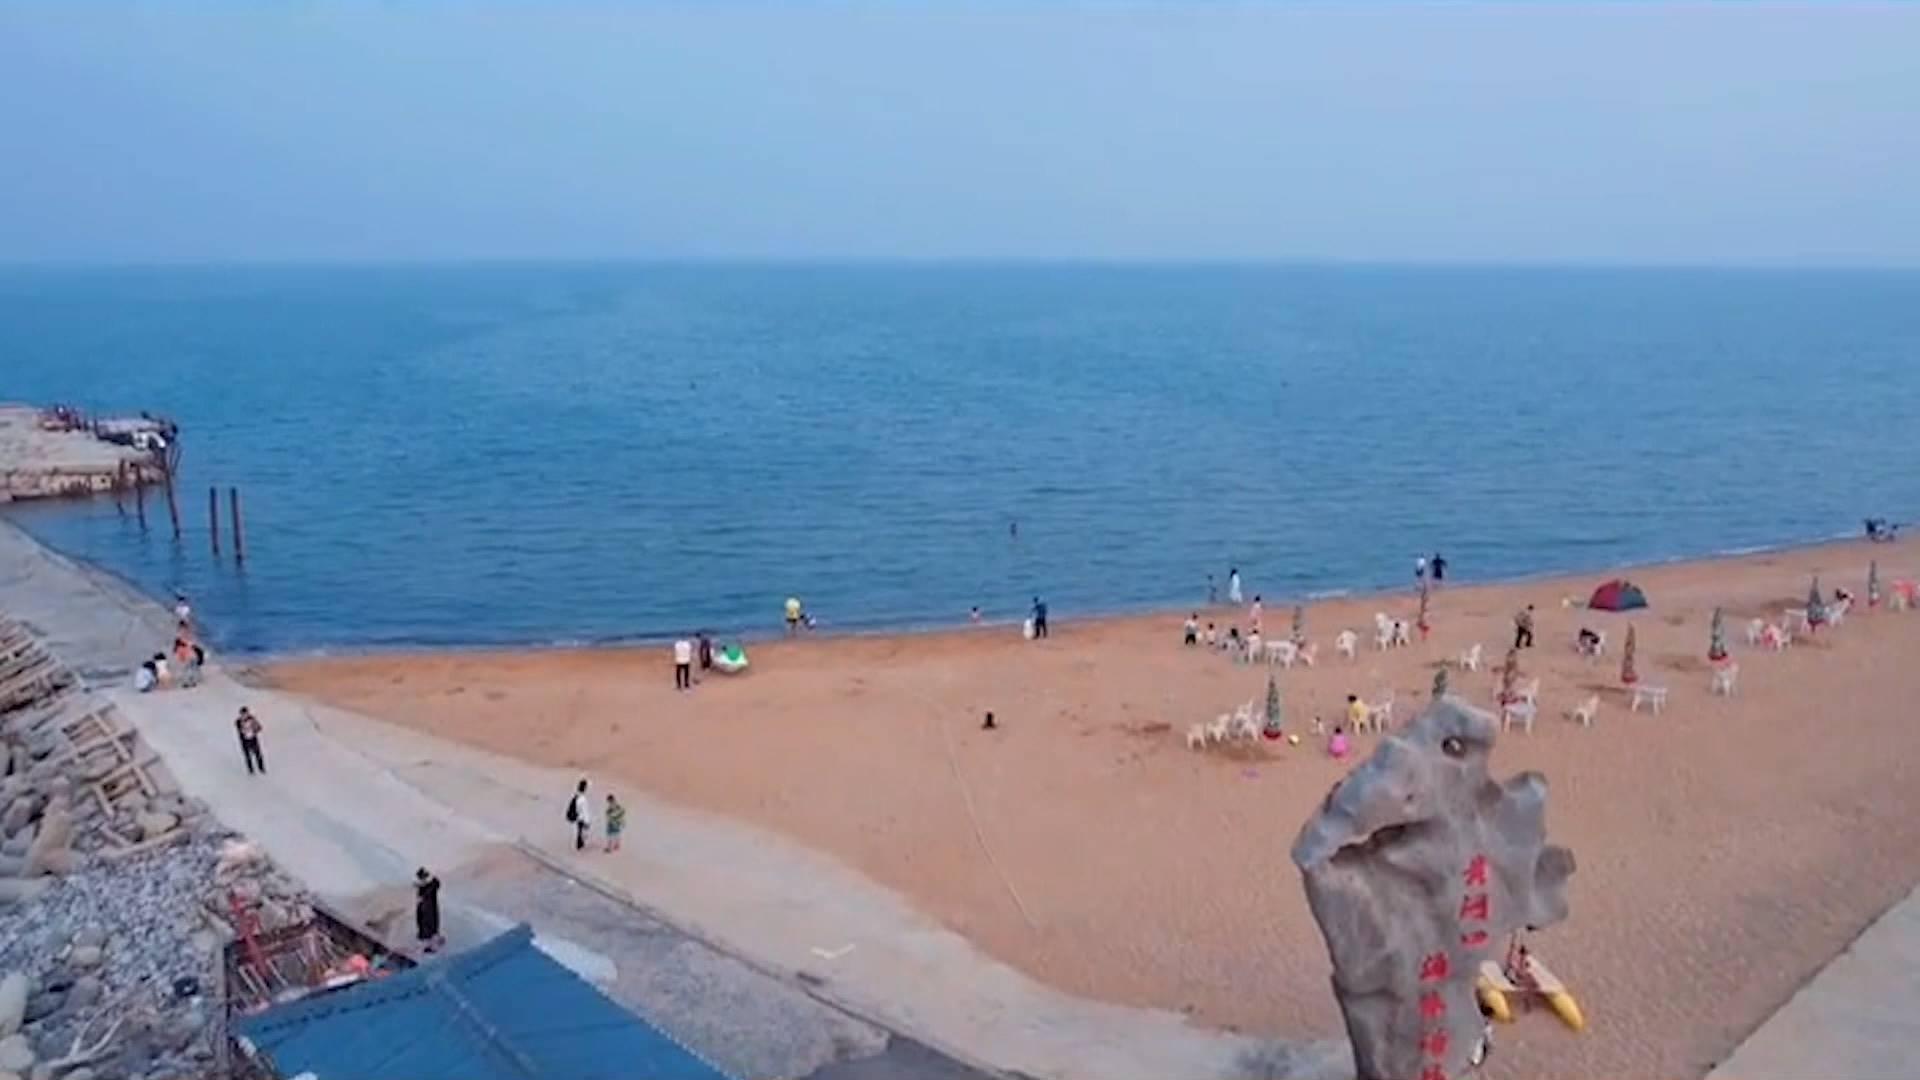 没有比去海边更清凉的事啦~这个夏天,东营黄河口海水浴场等你来冲浪放飞